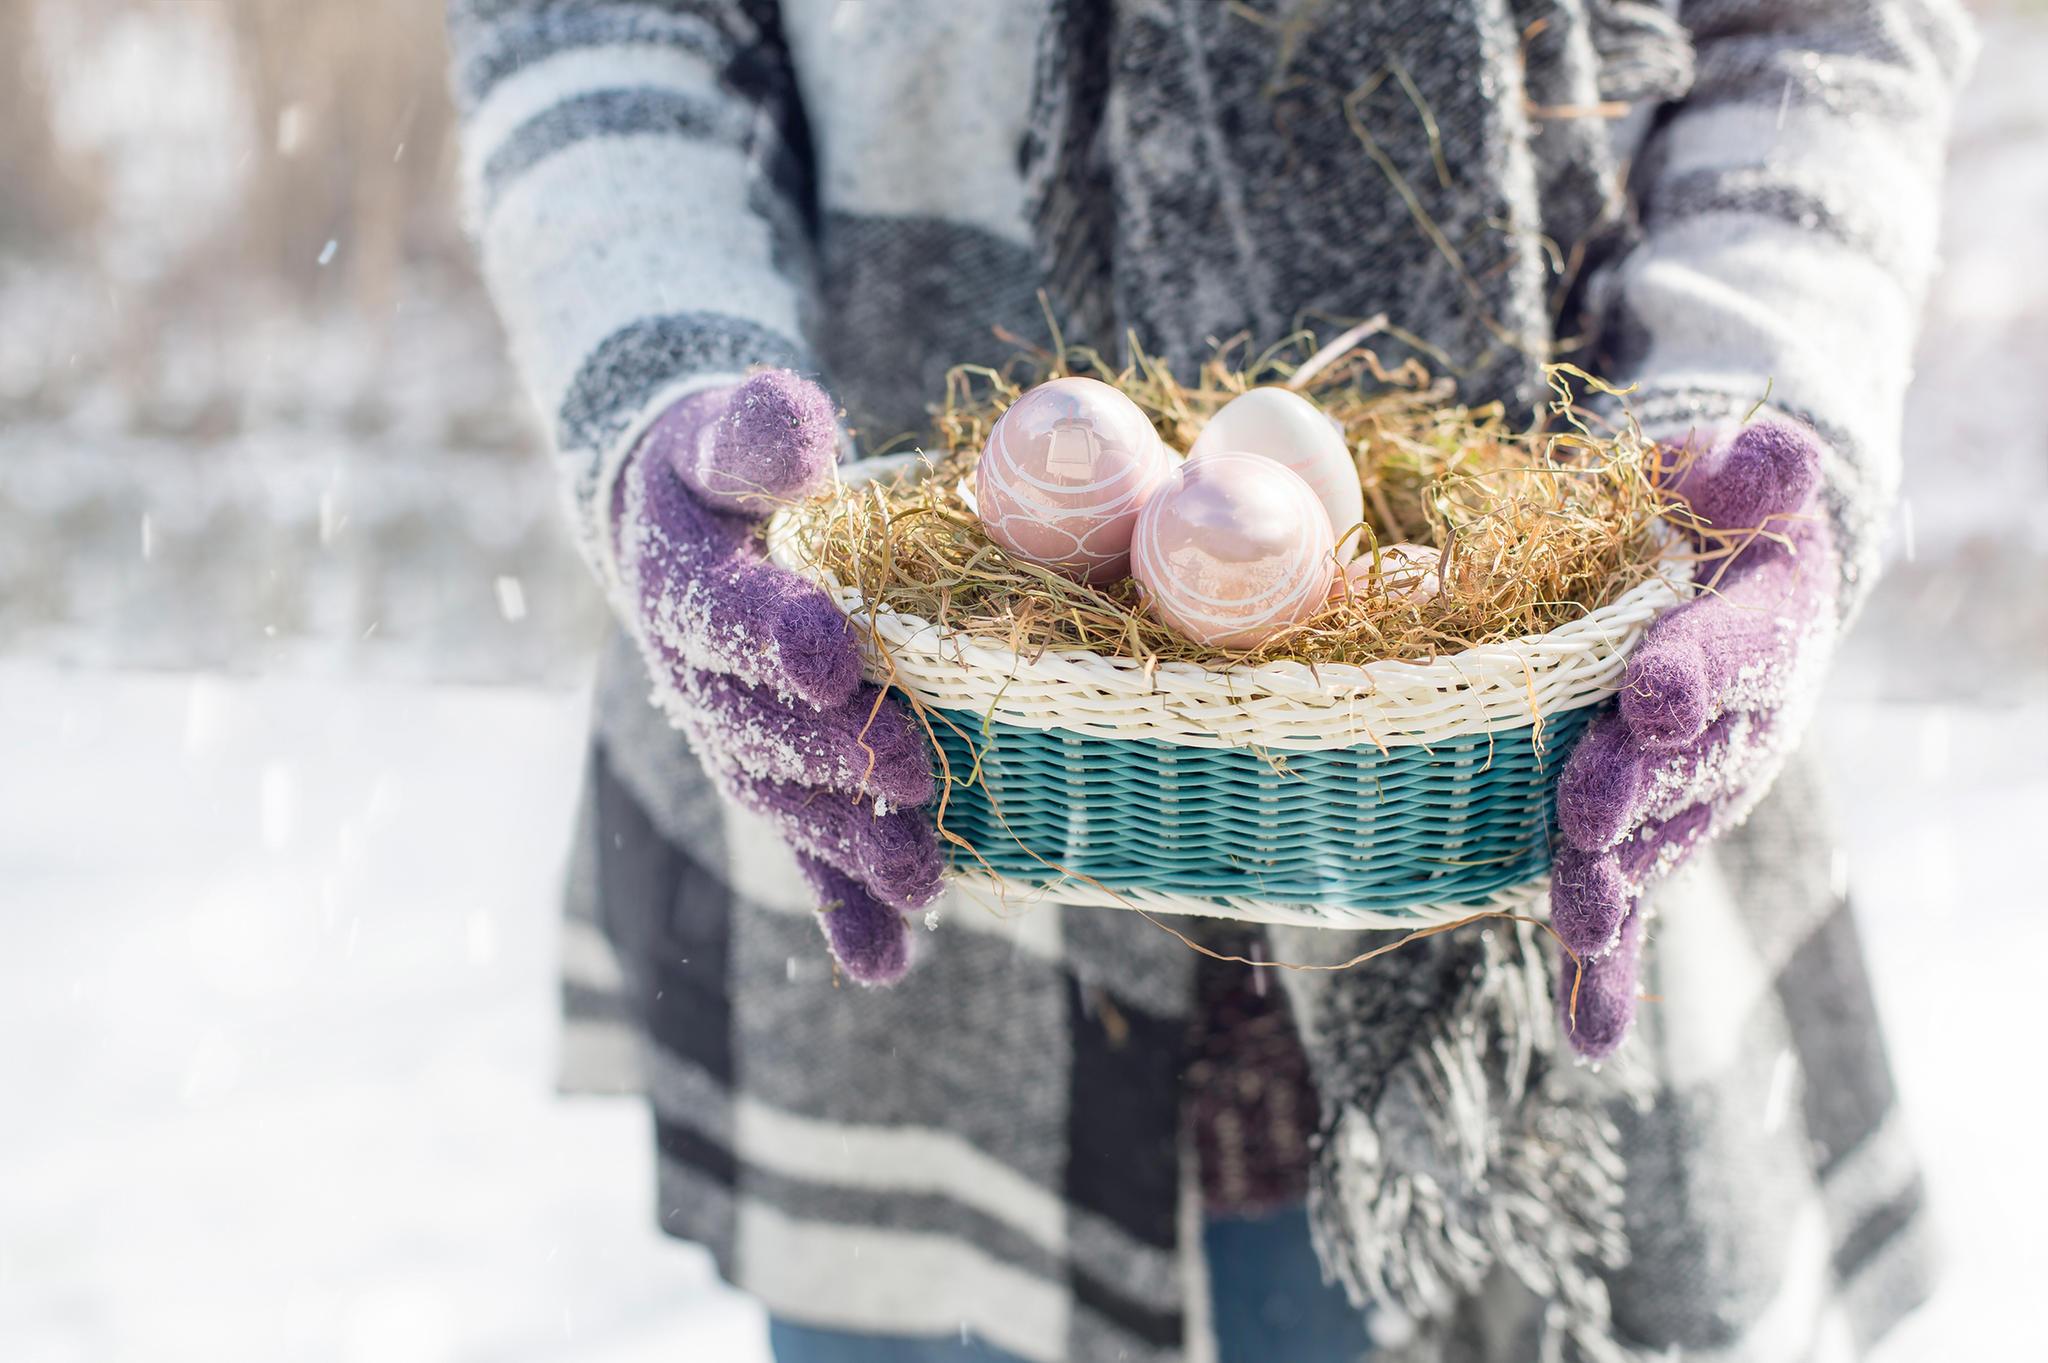 Zu Ostern soll es noch einmal kalt werden